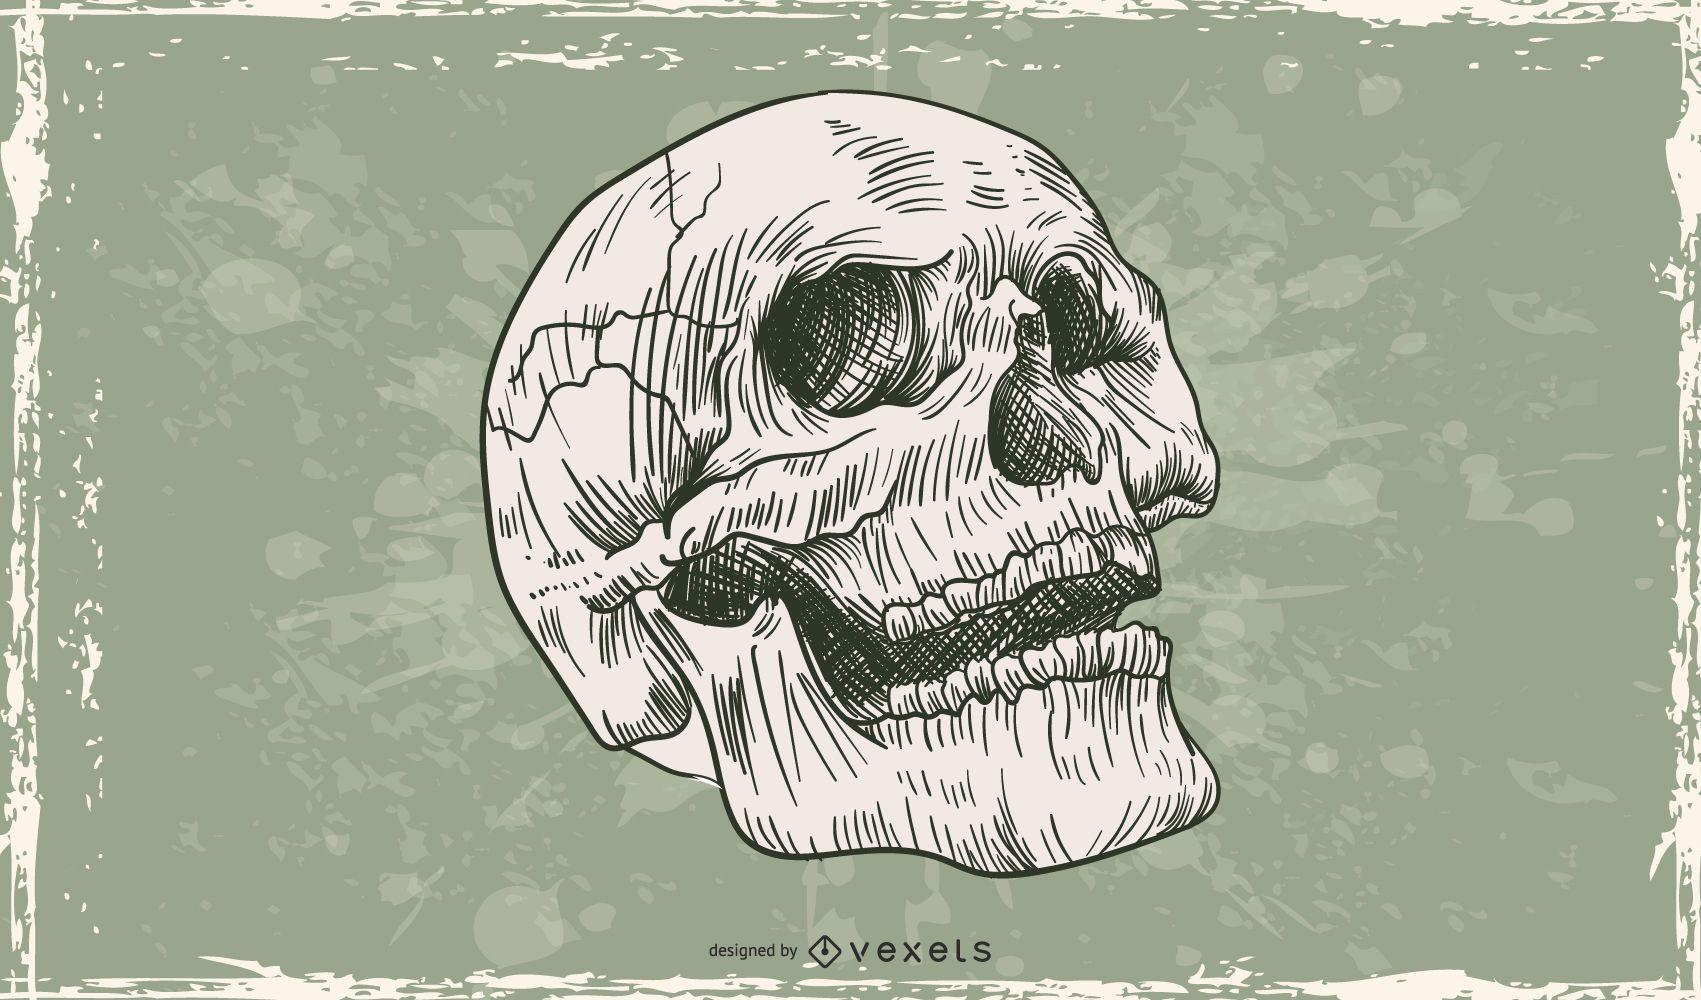 Hand drawn skull illustration design